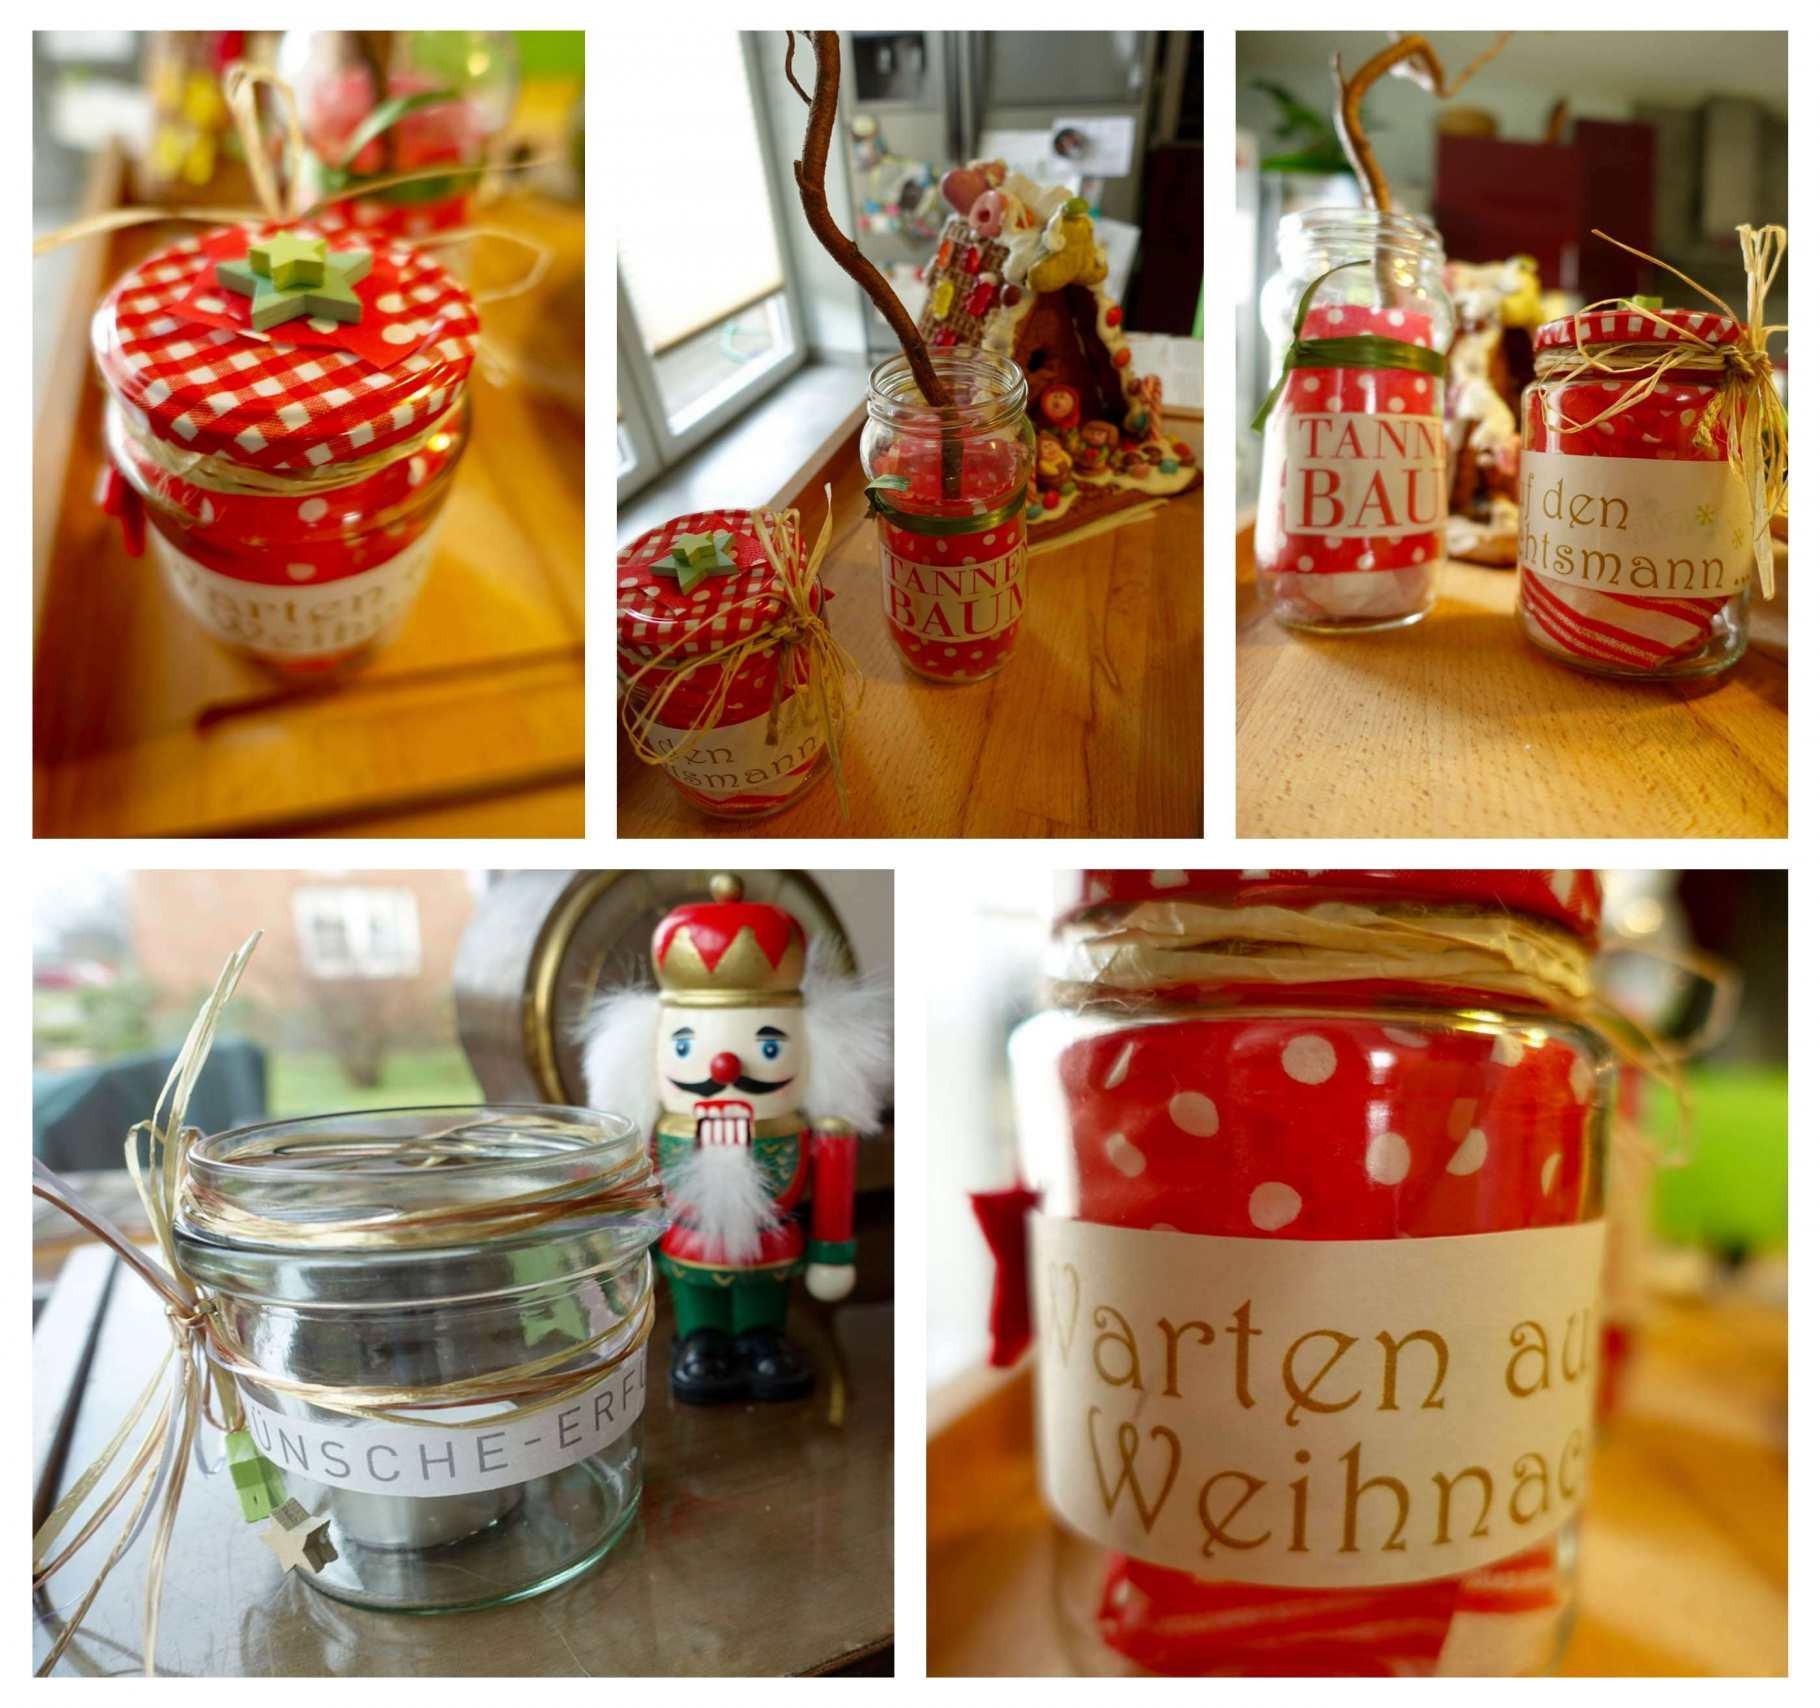 Bier Geschenke Selber Machen  Weihnachtsgeschenke Zum Selbermachen Und Inspirierend Bier